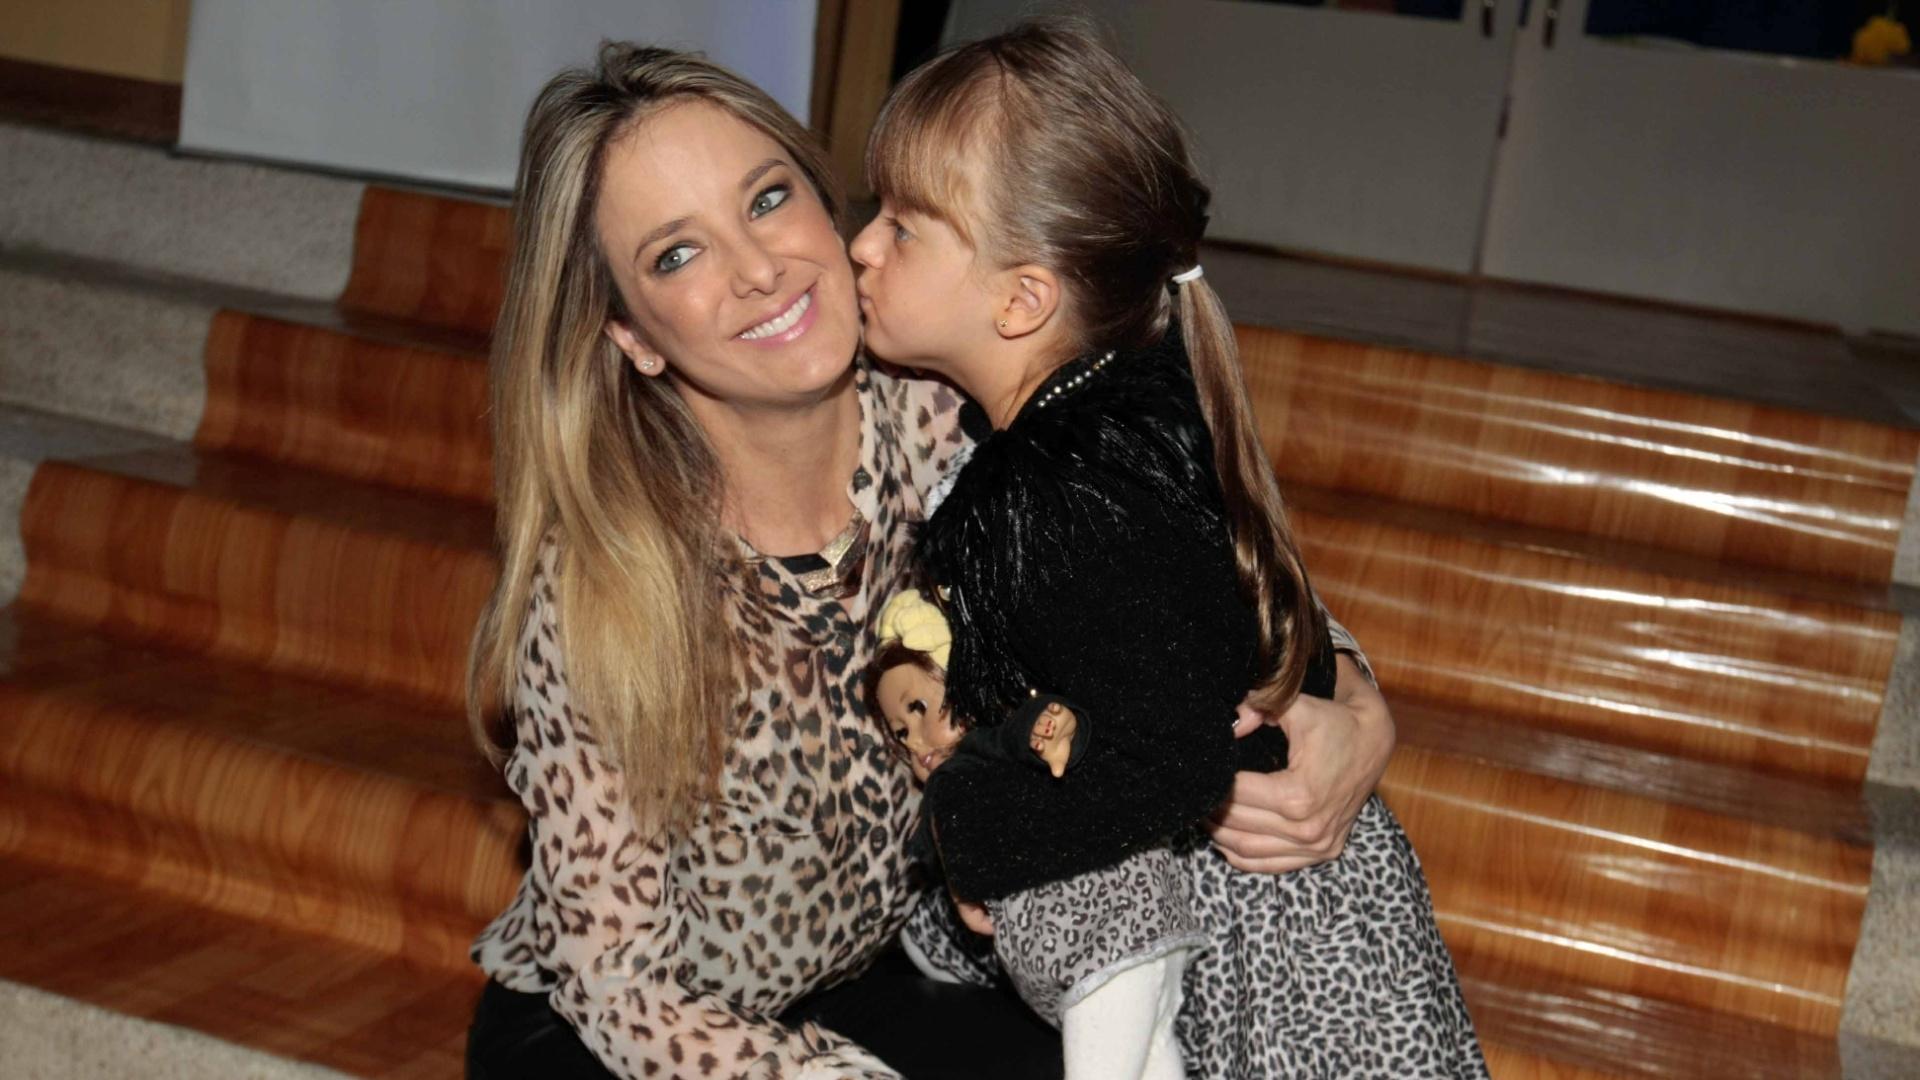 7.jun.2014 - Ticiane Pinheiro ganha beijo no rosto da filha Rafaella Justus, de quatro anos, ao chegar para o aniversário das filhas de Rodrigo Faro em buffet infantil no bairro de Moema, em São Paulo